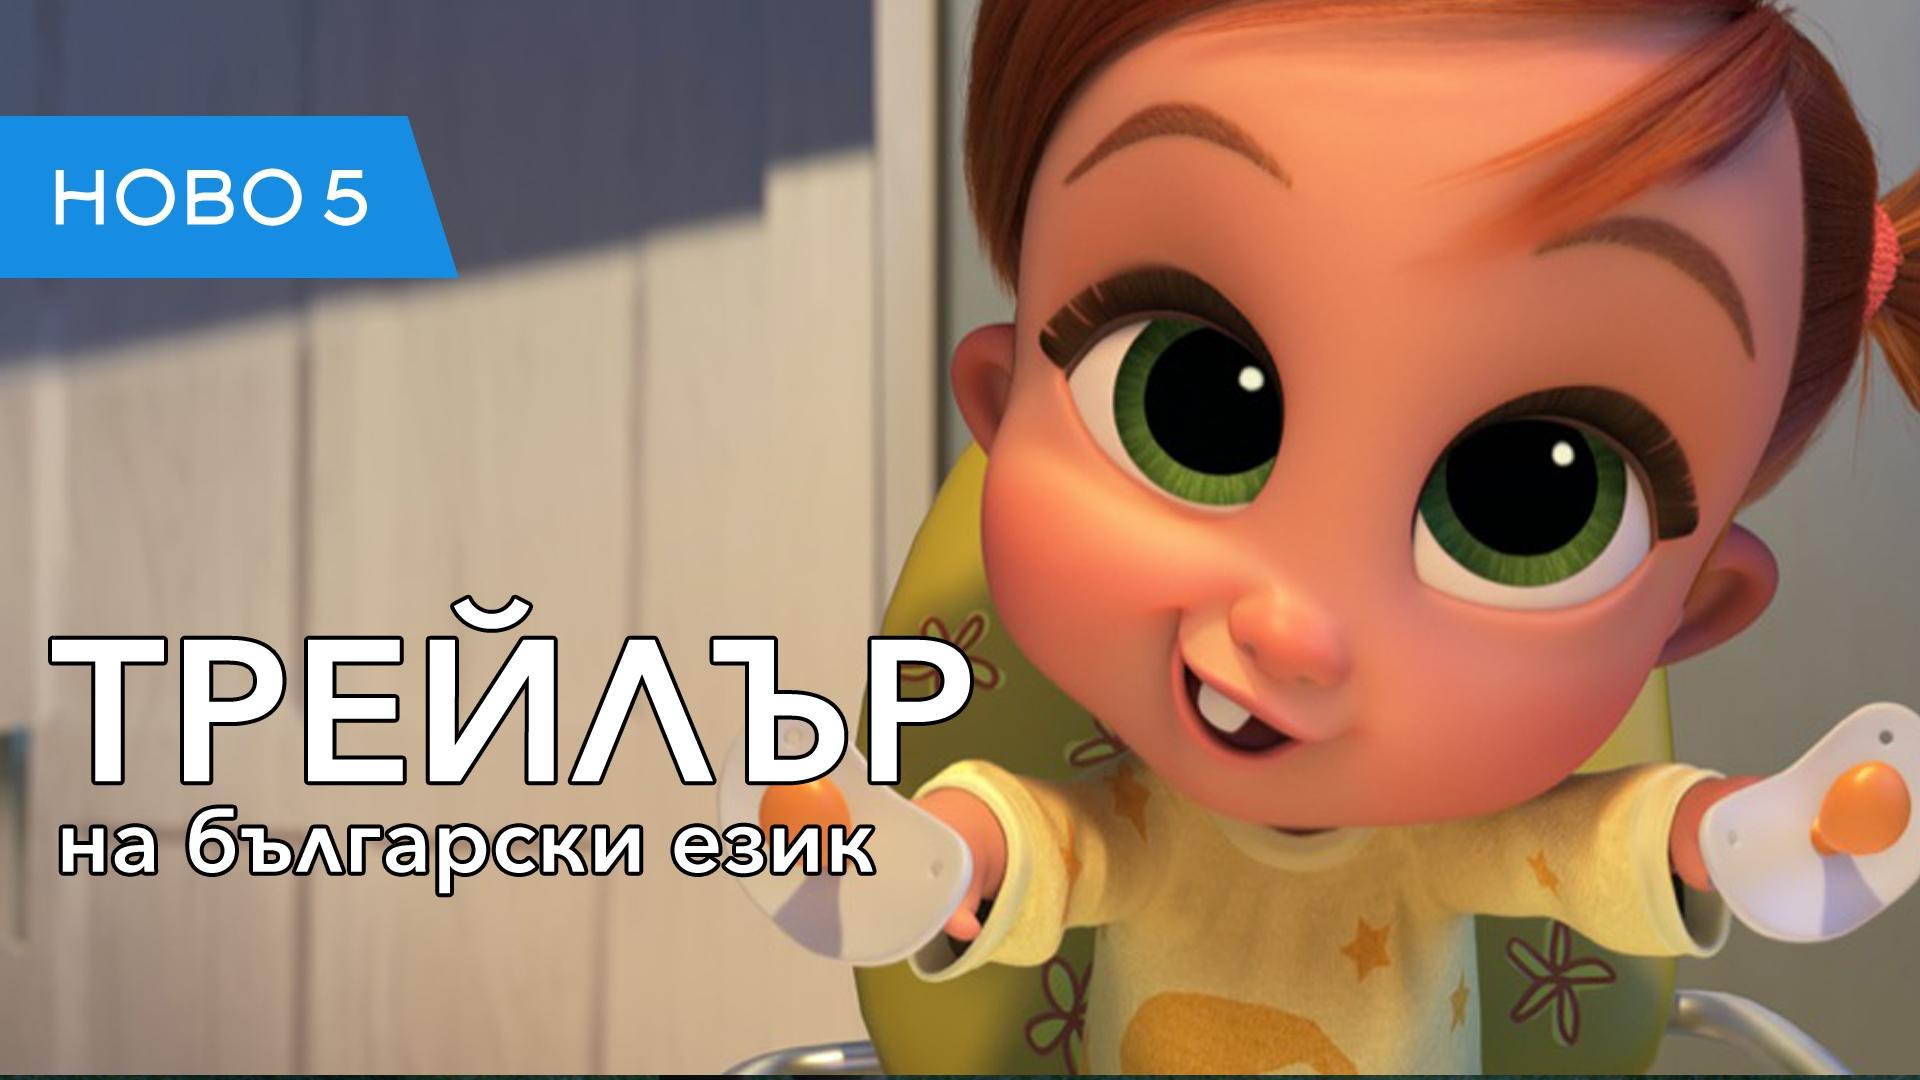 Бебе Бос: Семейни Работи (2021) трейлър на български език